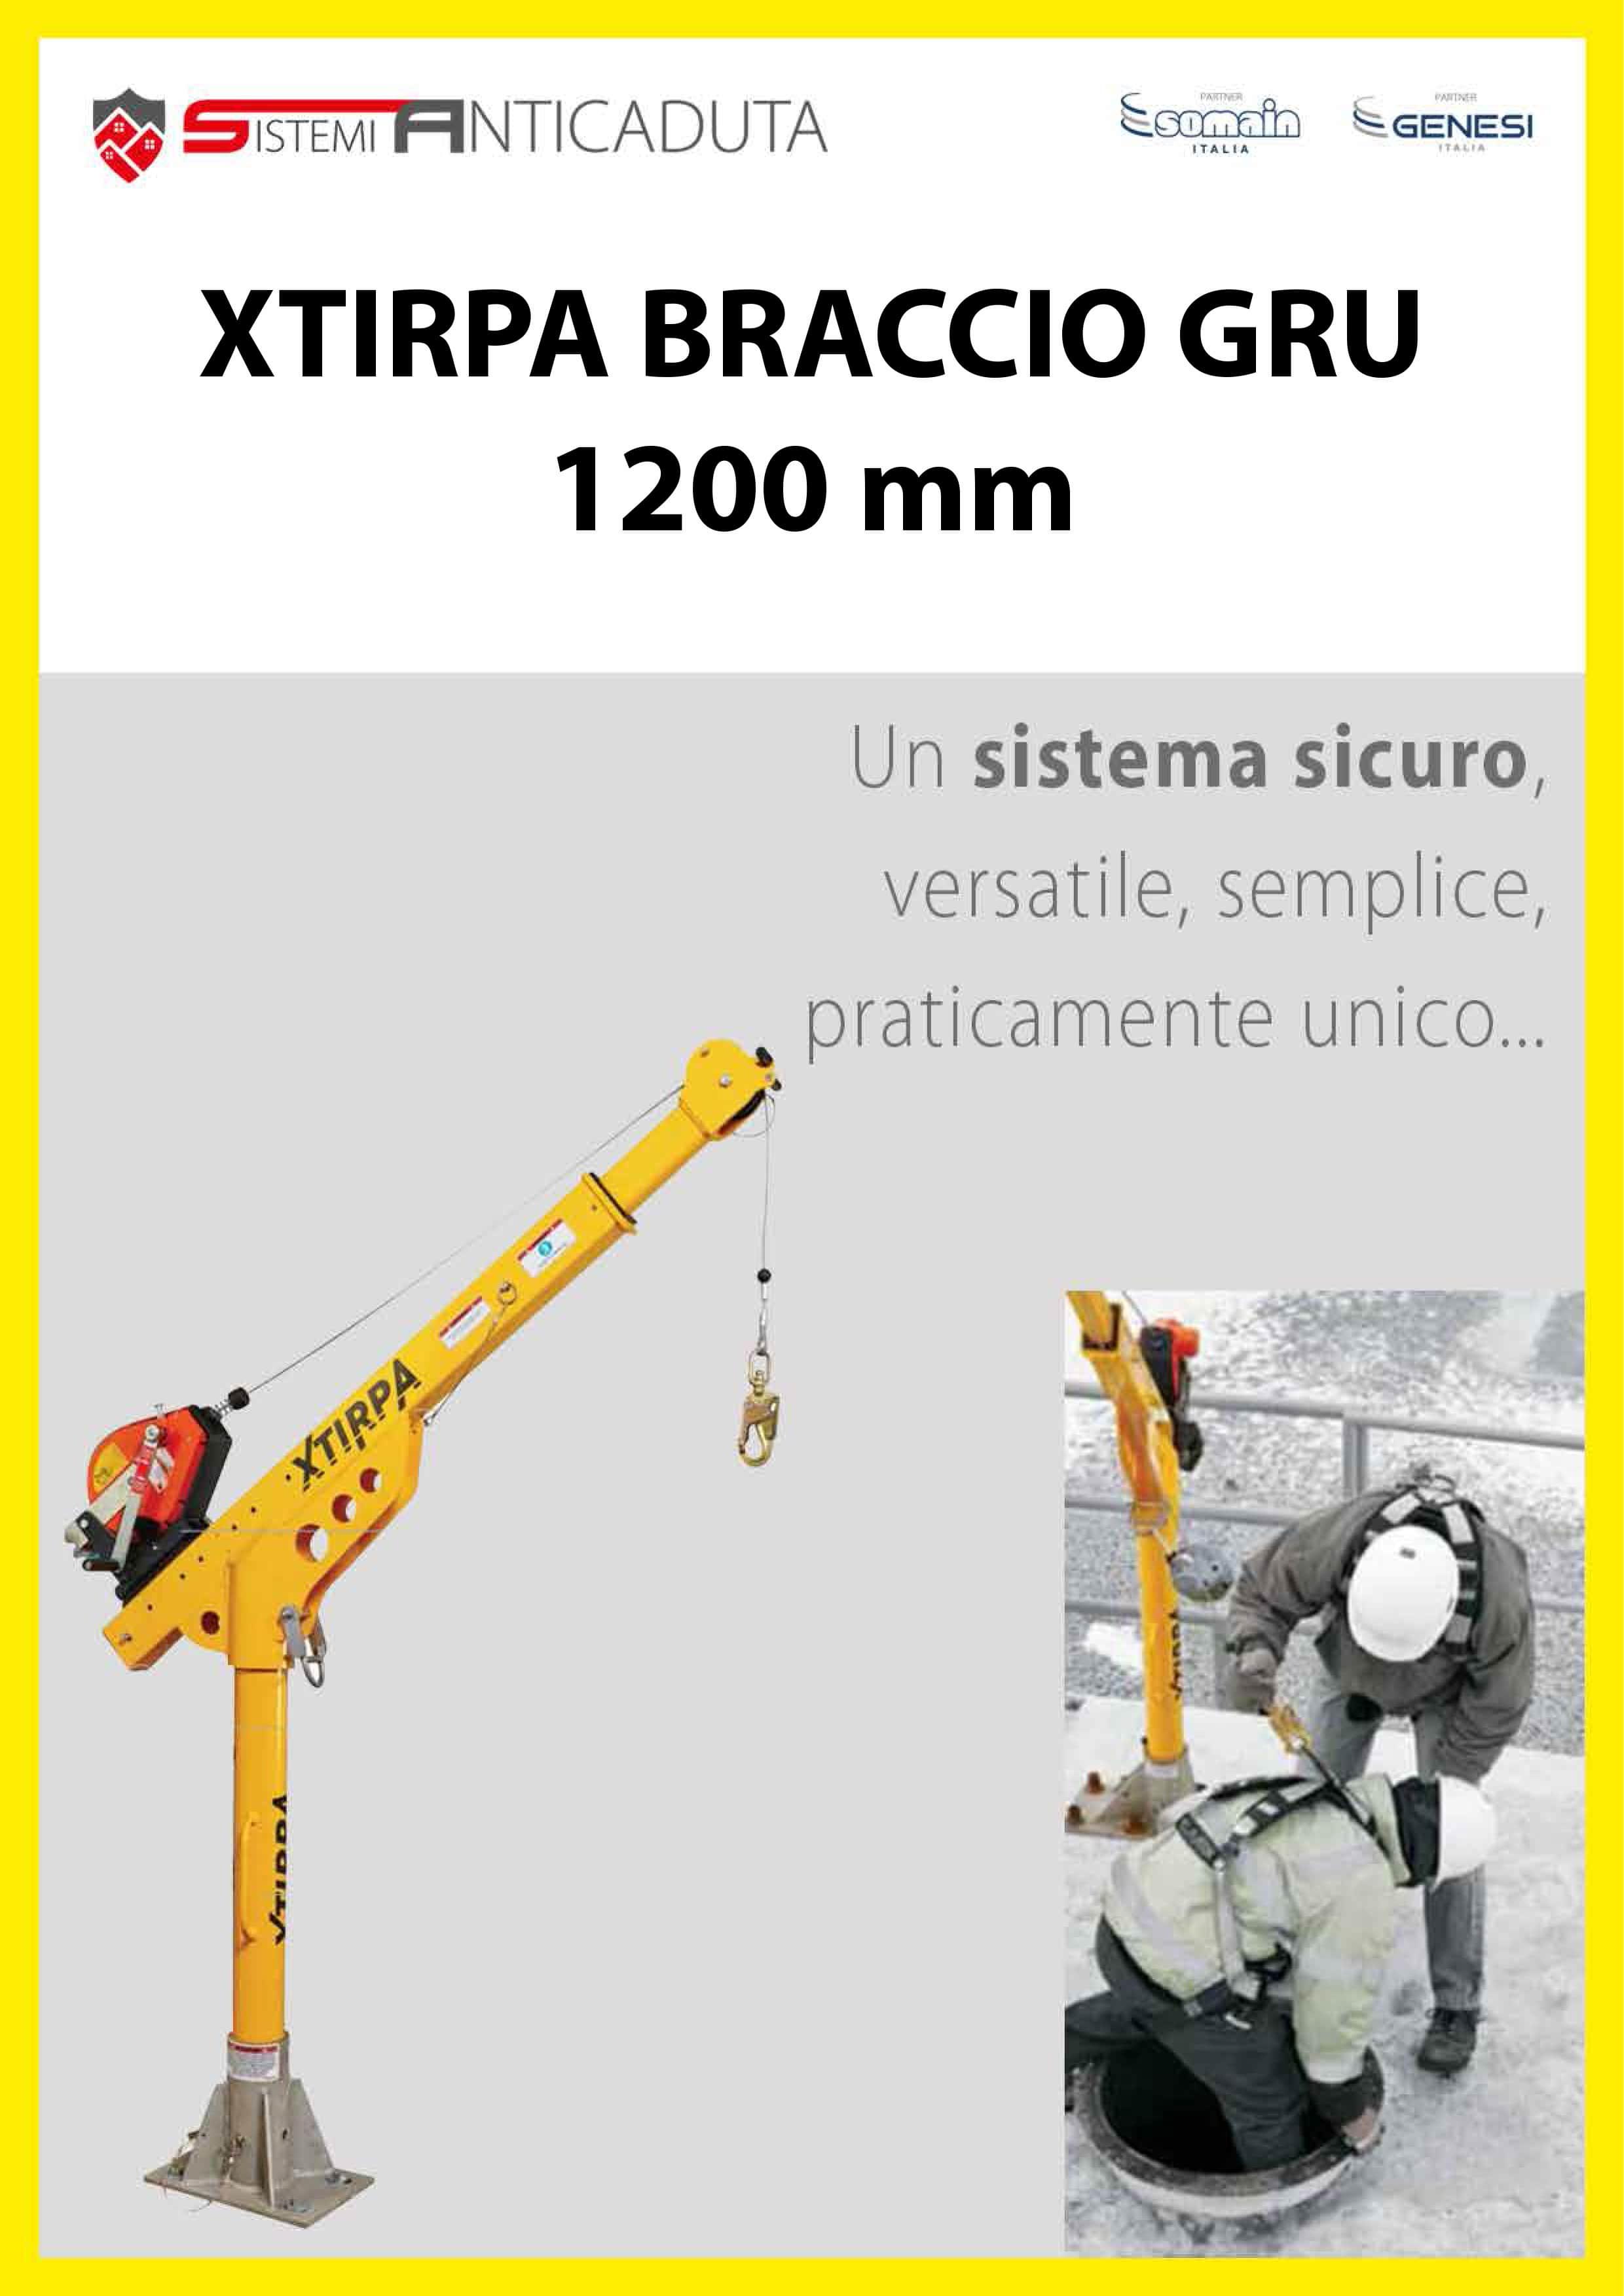 XTIRPA-1200MM